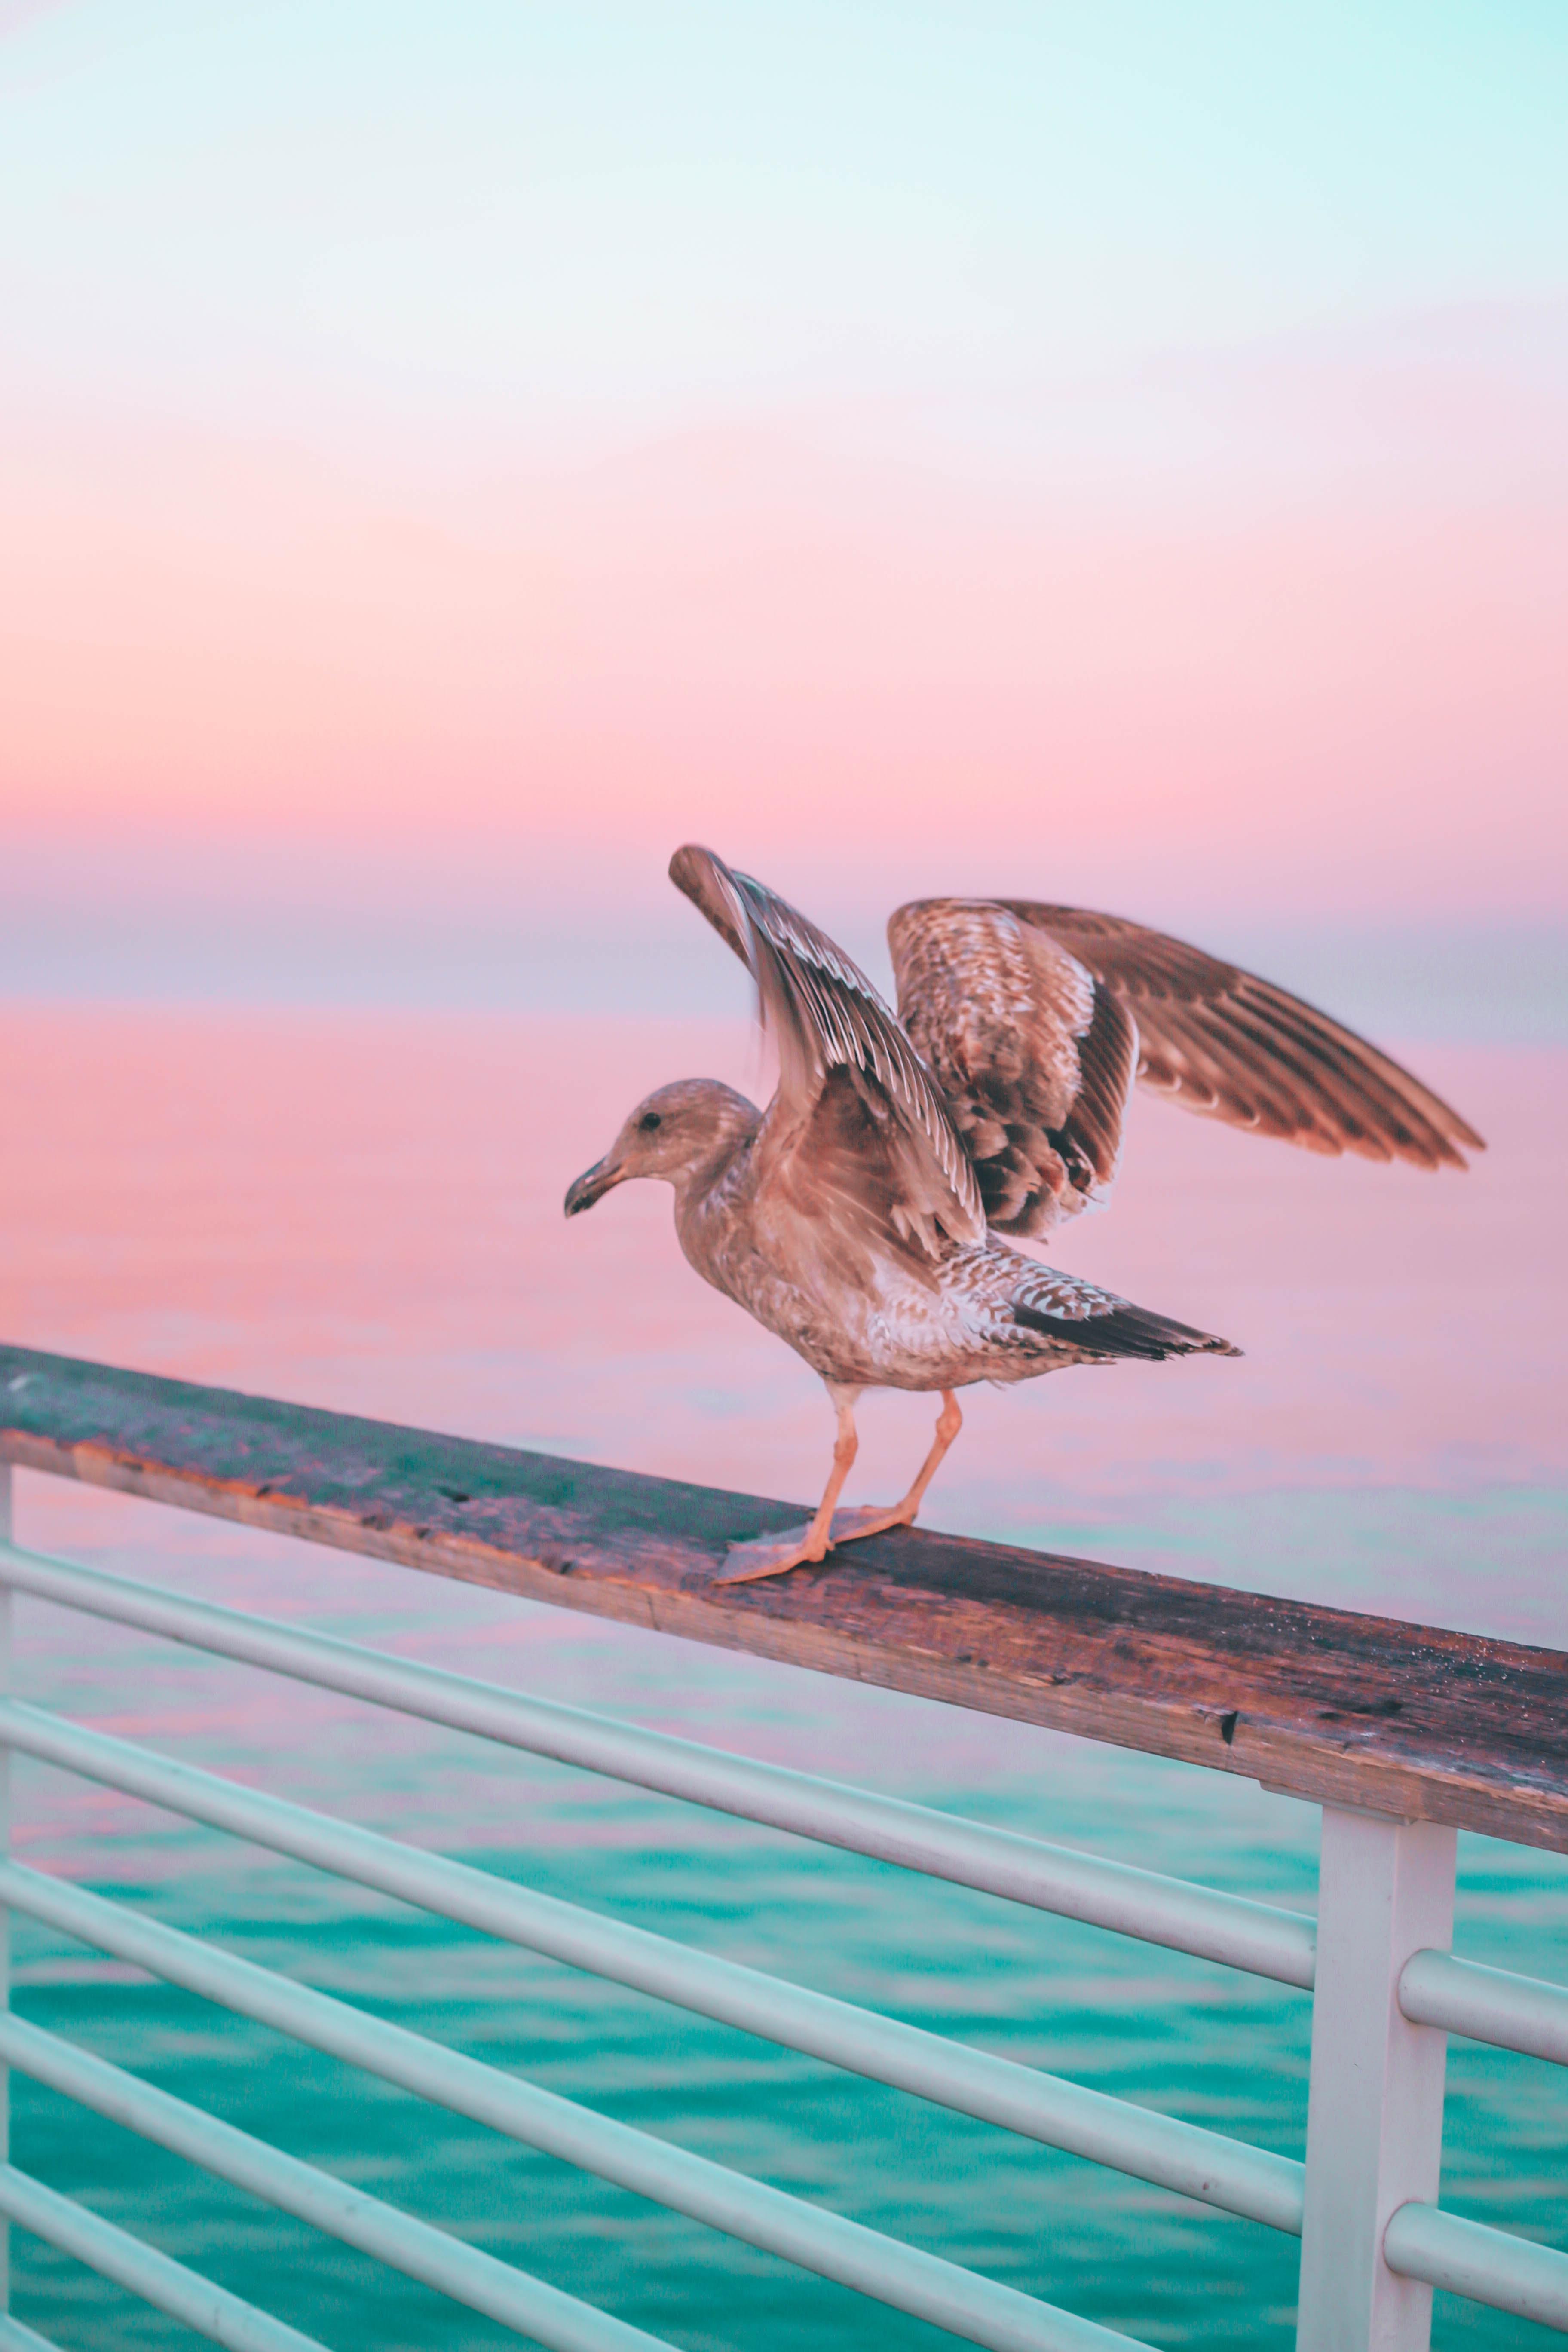 brown bird on brown wooden handrail during daytime